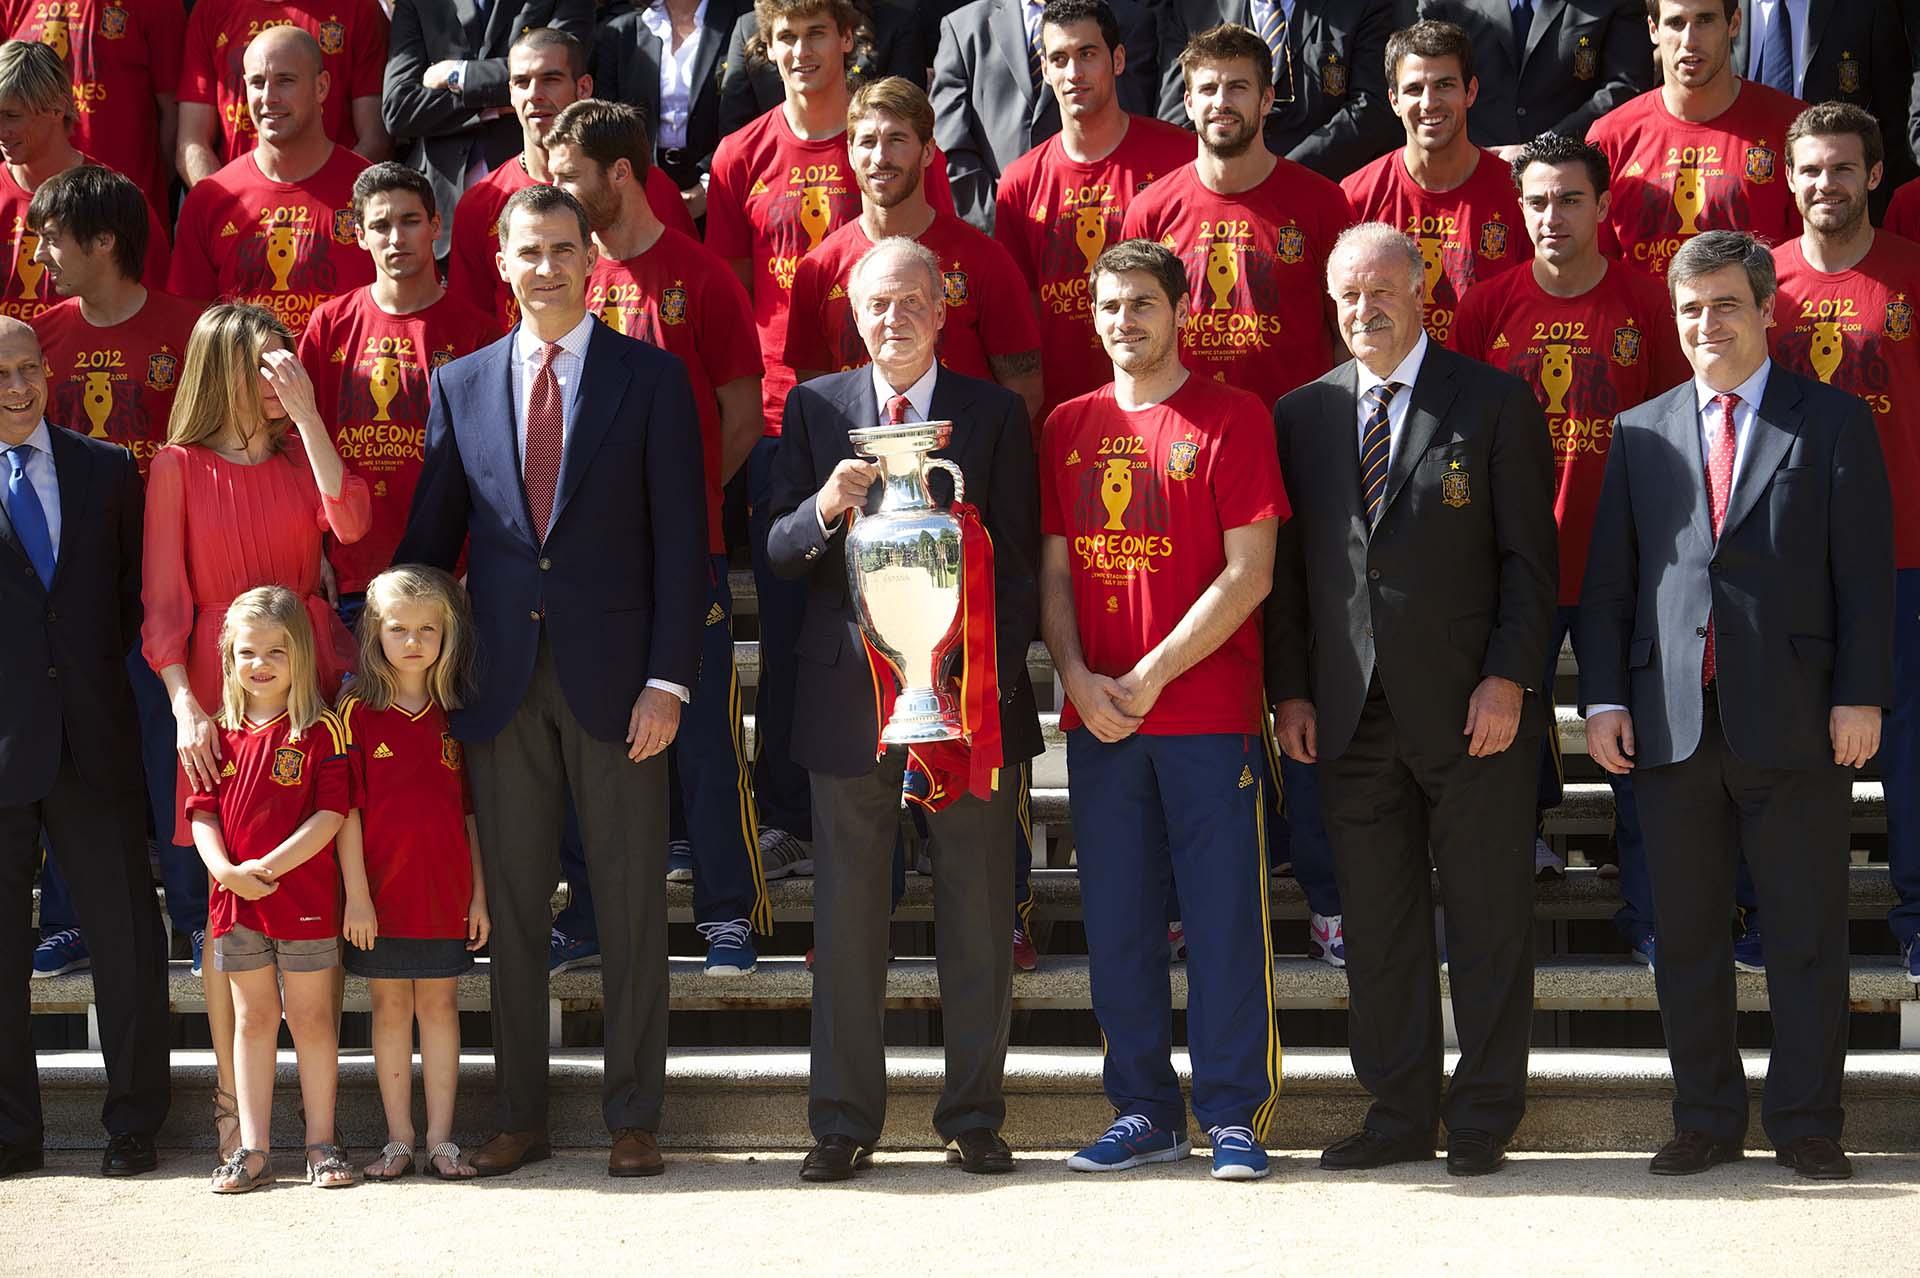 El rey Juan Carlos con la selección de España en julio de 2012 junto Iker Casillas y Vicente del Bosque y la Eurocopa, director técnico nacional (Shutterstock)